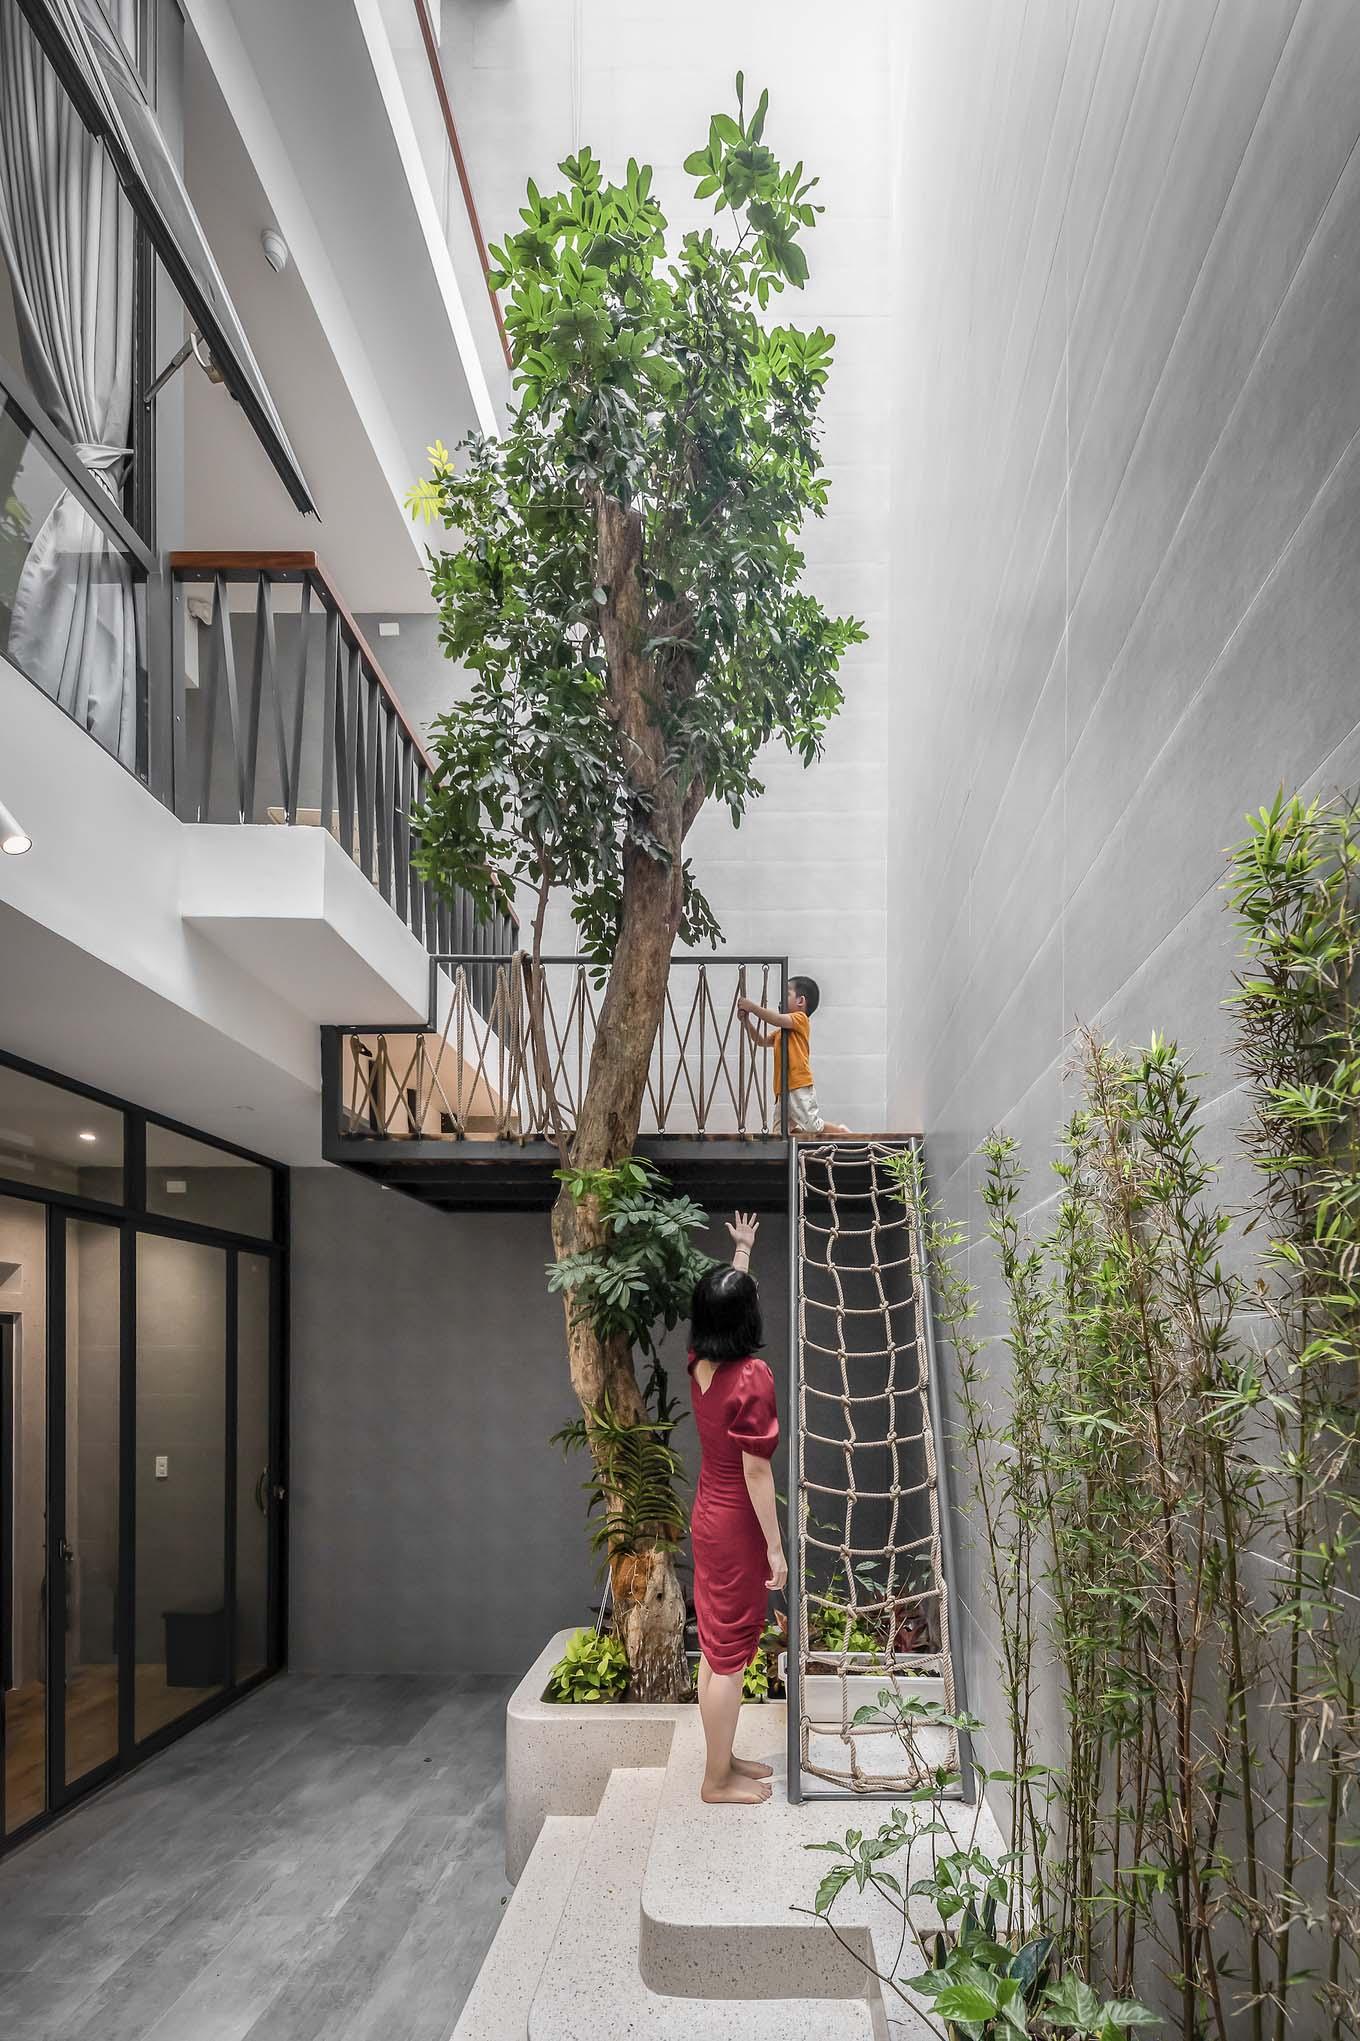 Nhờ giản lược không gian không cần thiết, căn nhà có thể chừa ra khoảng thông tầng lớn sau nhà để làm chỗ thư giãn kết hợp nhà trên cây để cả người lớn lẫn trẻ con có thêm chỗ thư giãn. Ảnh: Minq Bui Photography.